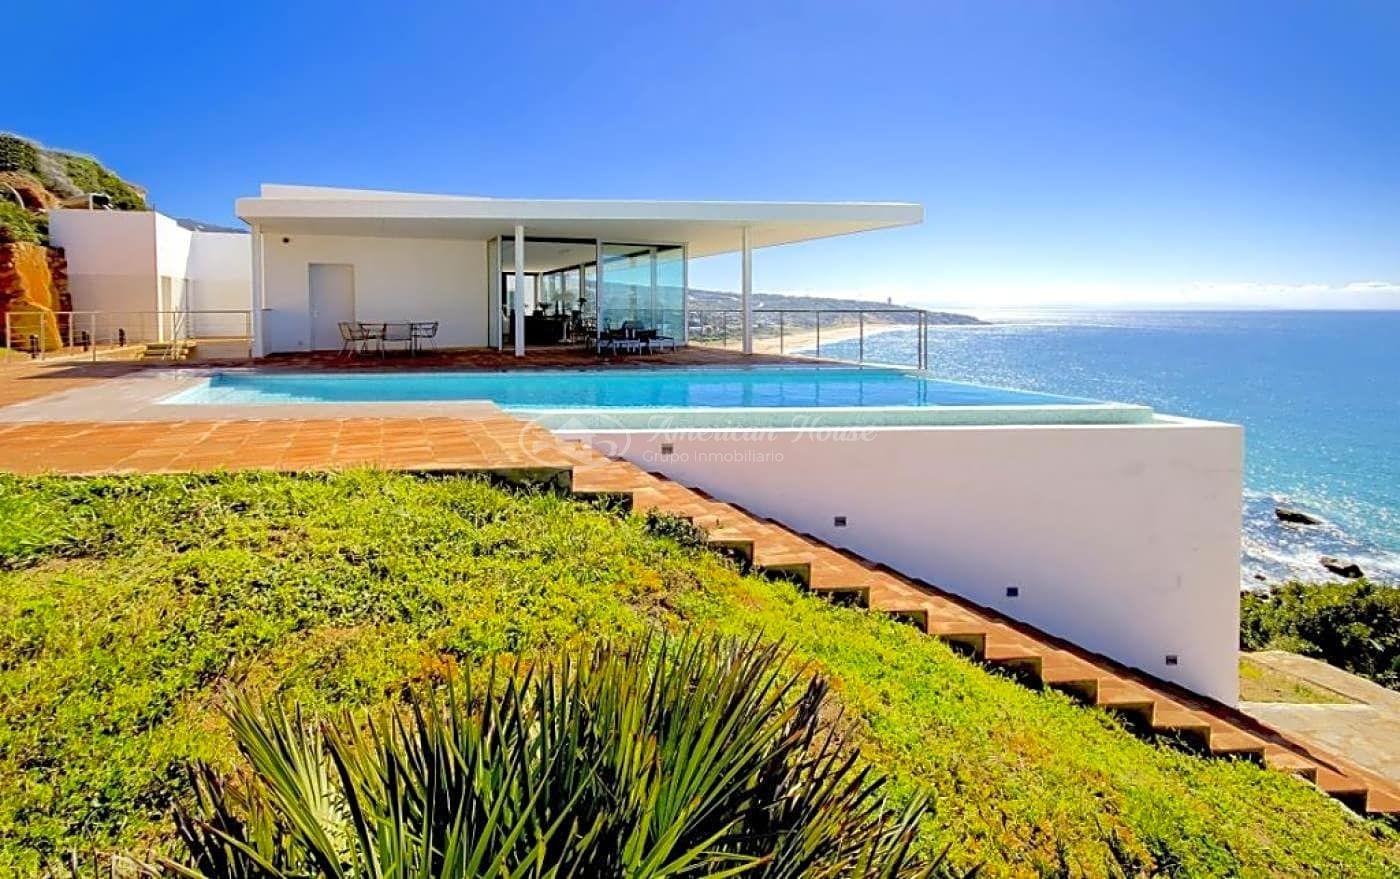 Insólita villa con lineas Vanguardistas y vistas al mar en venta en Zahara de los Atunes, Cádiz